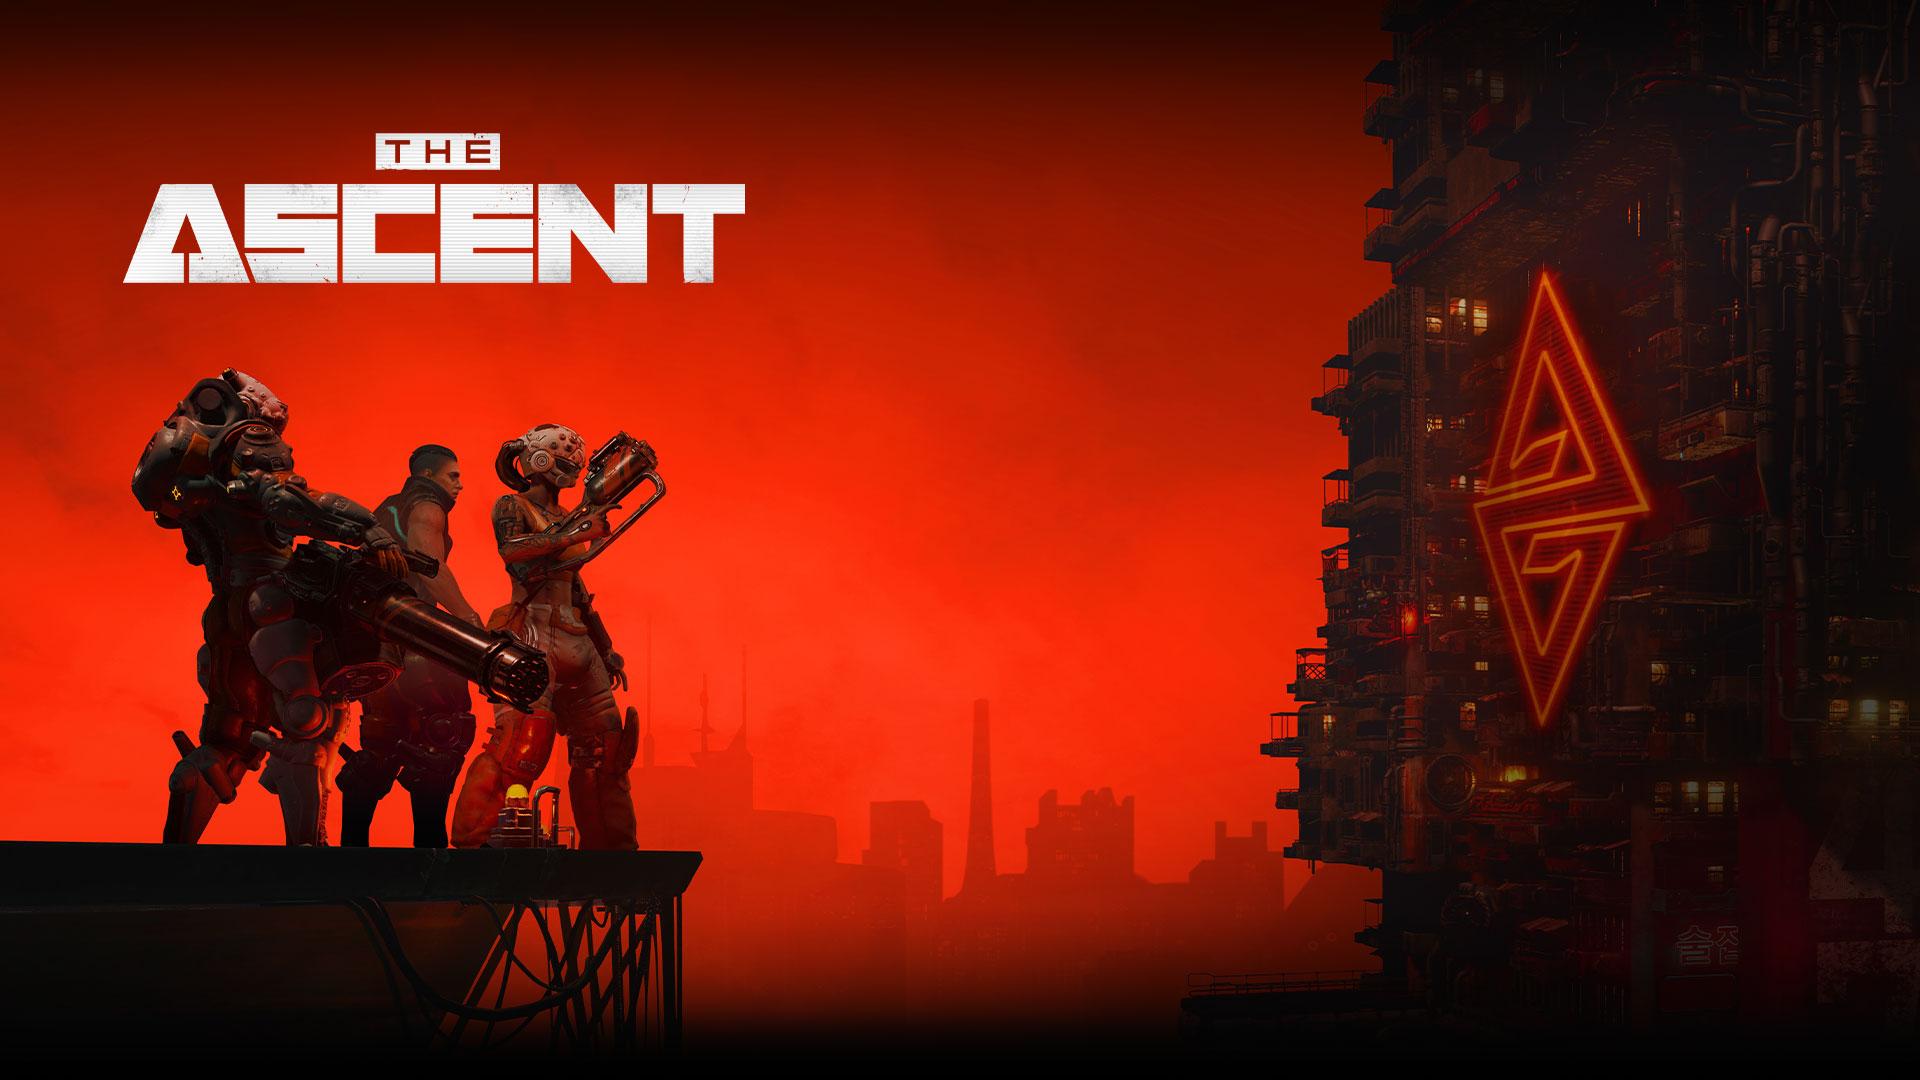 بررسی نکاتی که باید پیش از خرید بازی The Ascent بدانید